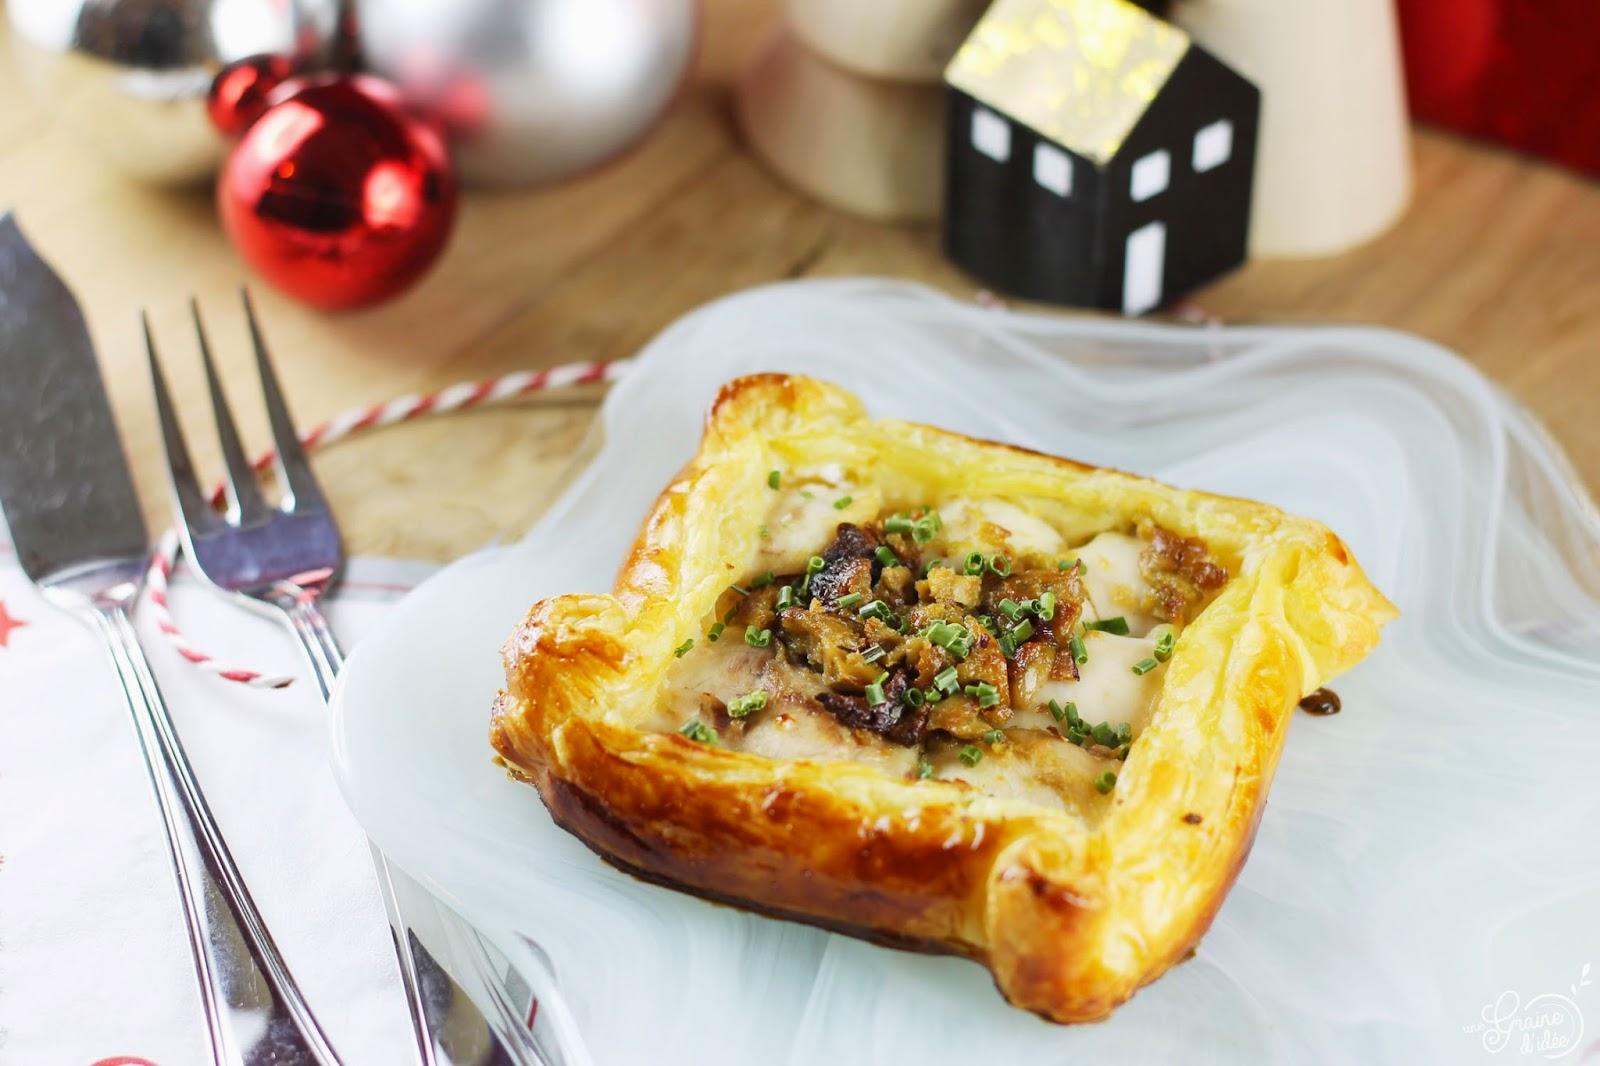 Feuilleté de Joues de Sandre, Foie gras et Sirop d'Érable - Une Graine d'Idée